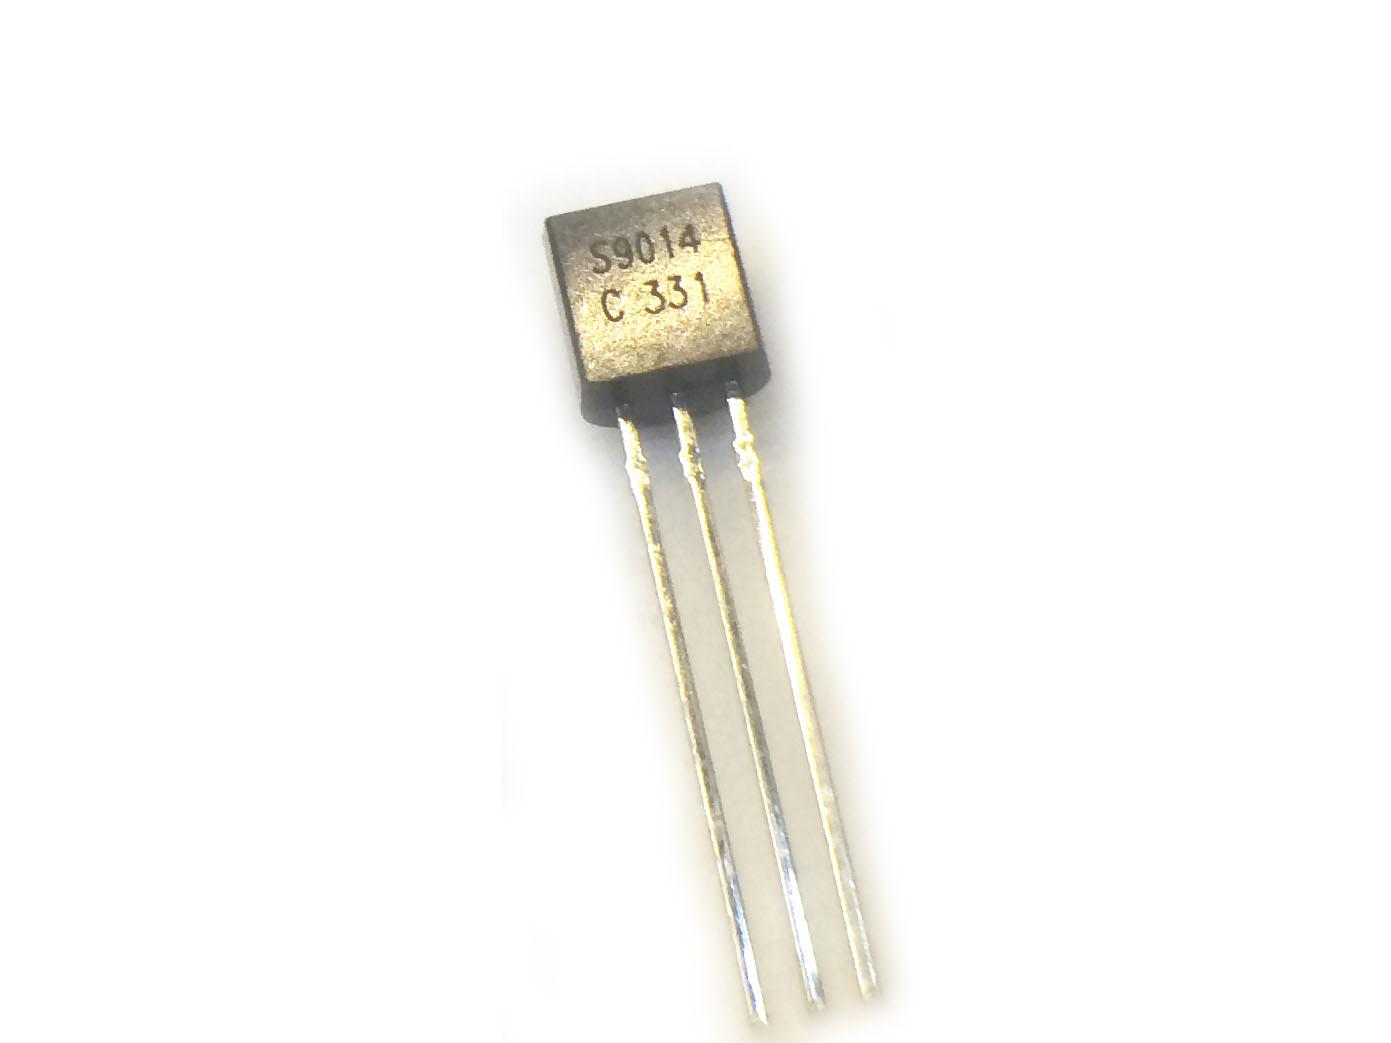 Transistor S9014-5 cái